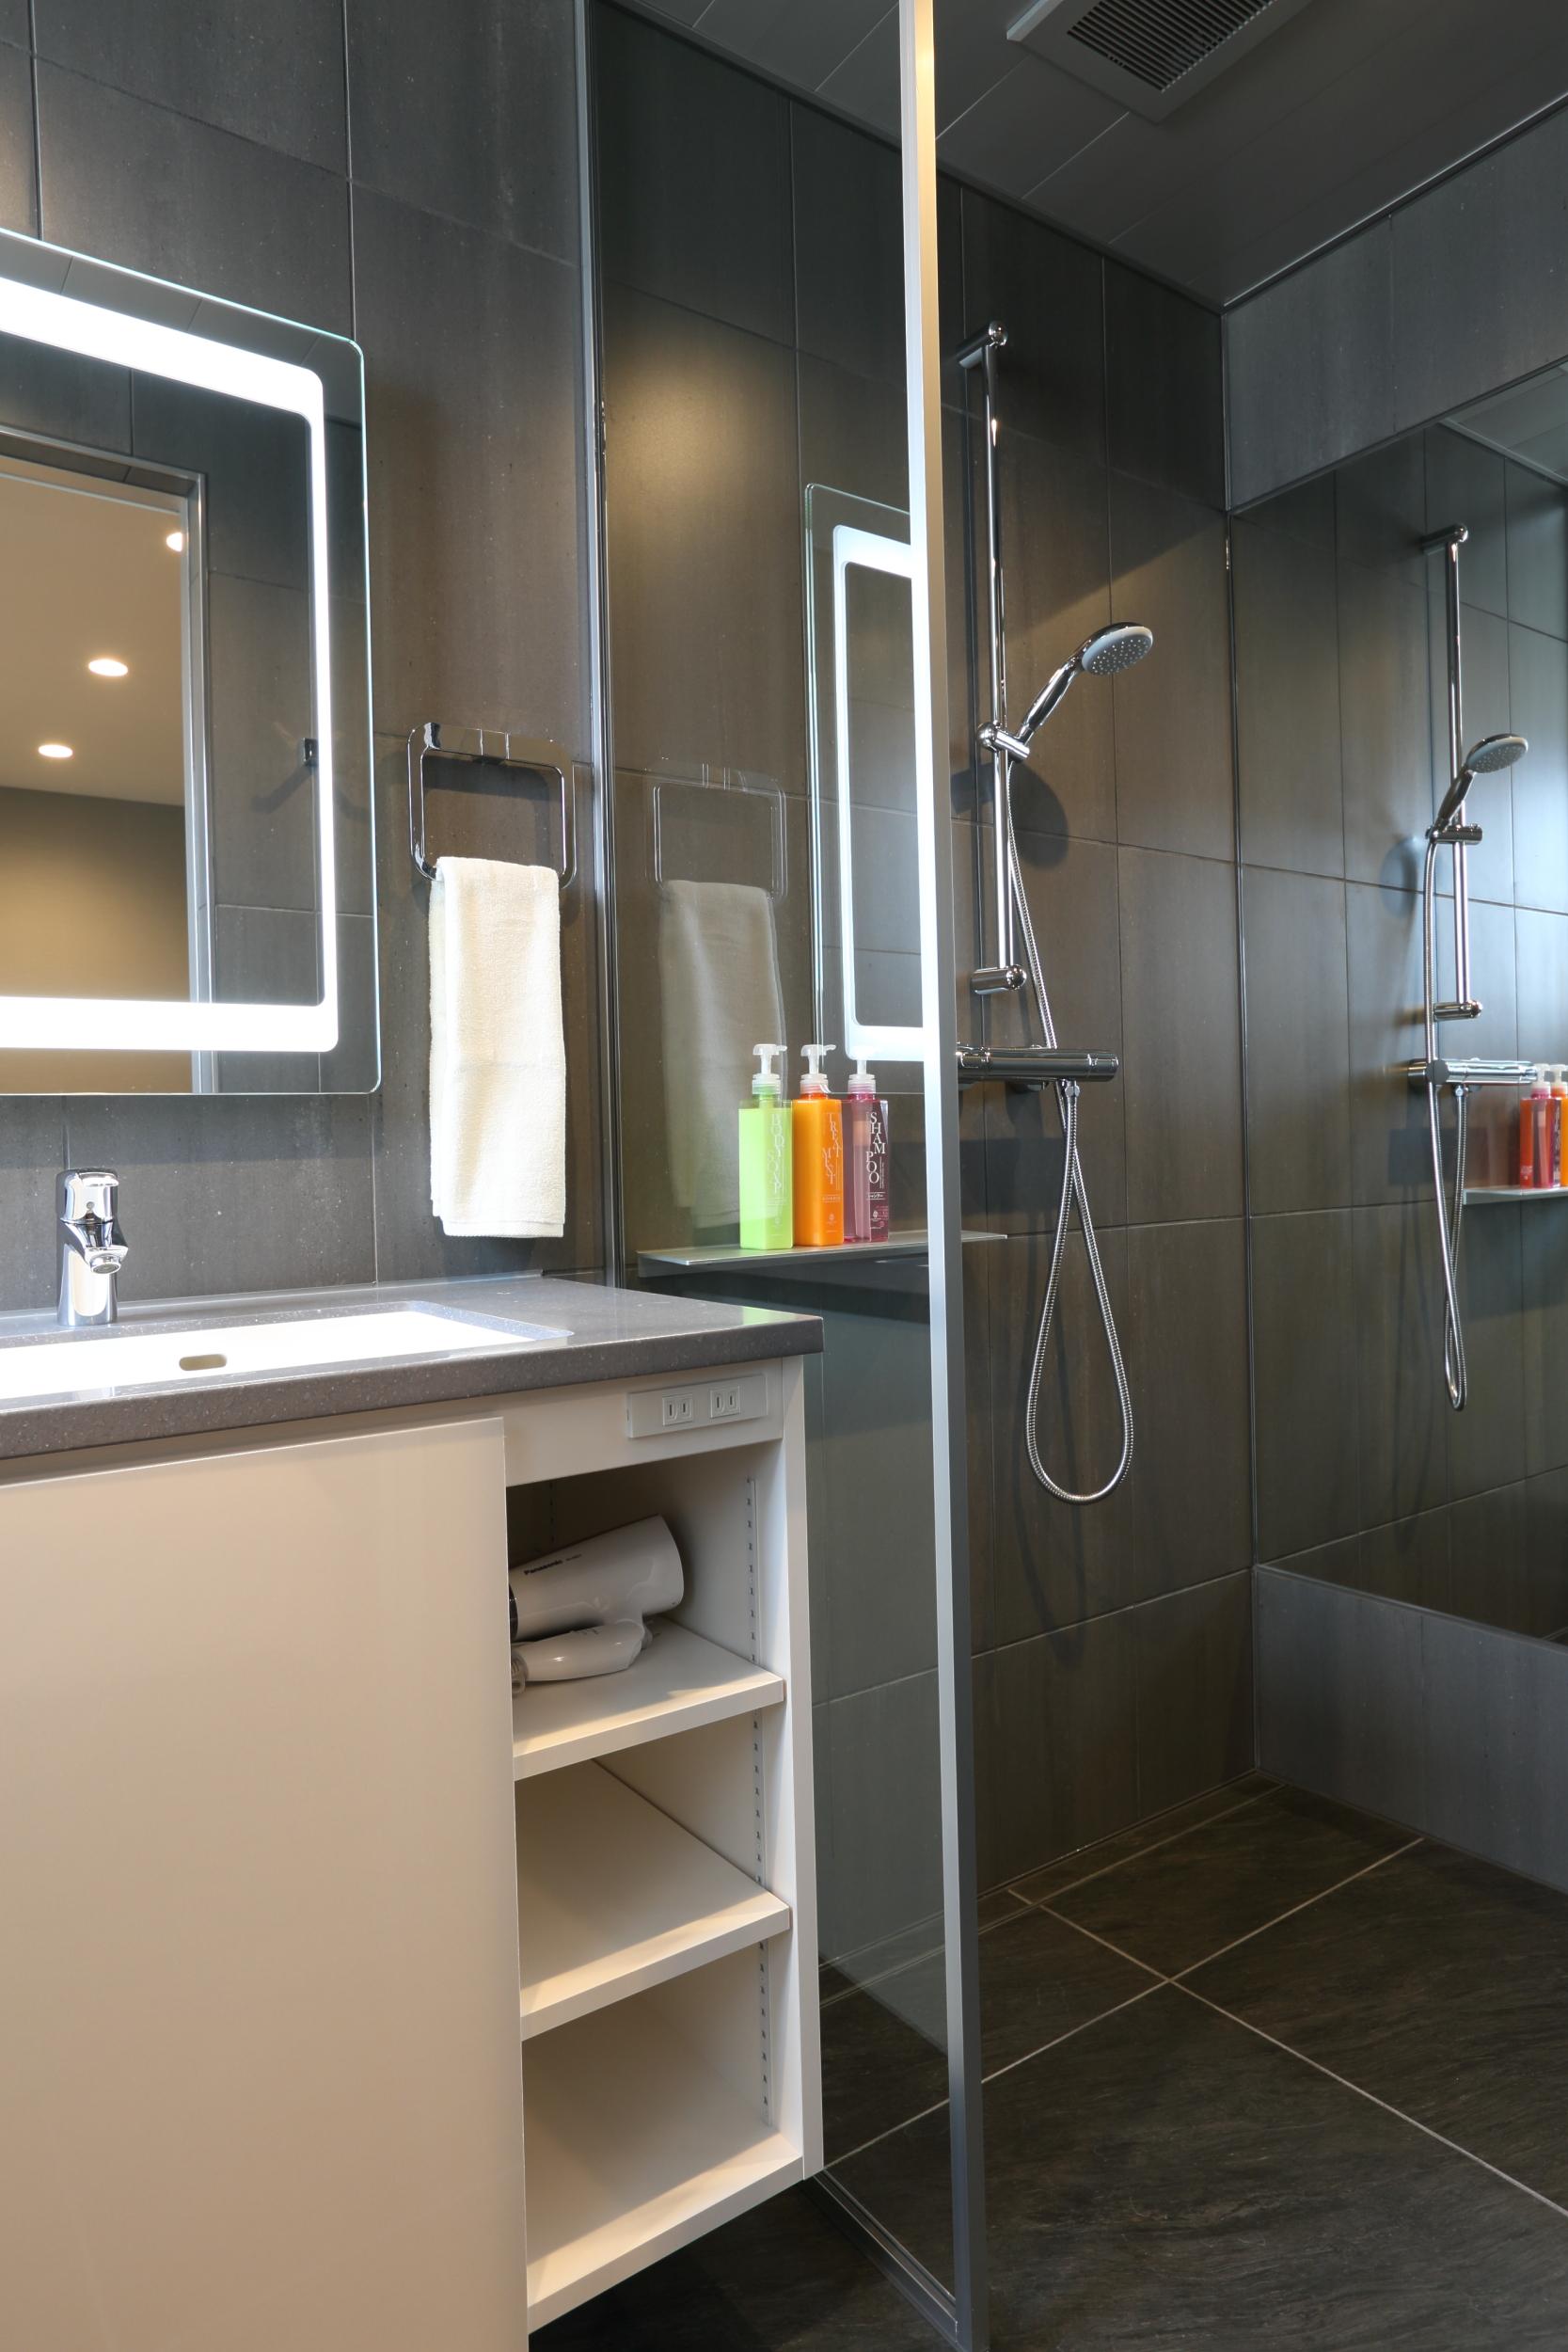 bluebird apartments shower.jpg